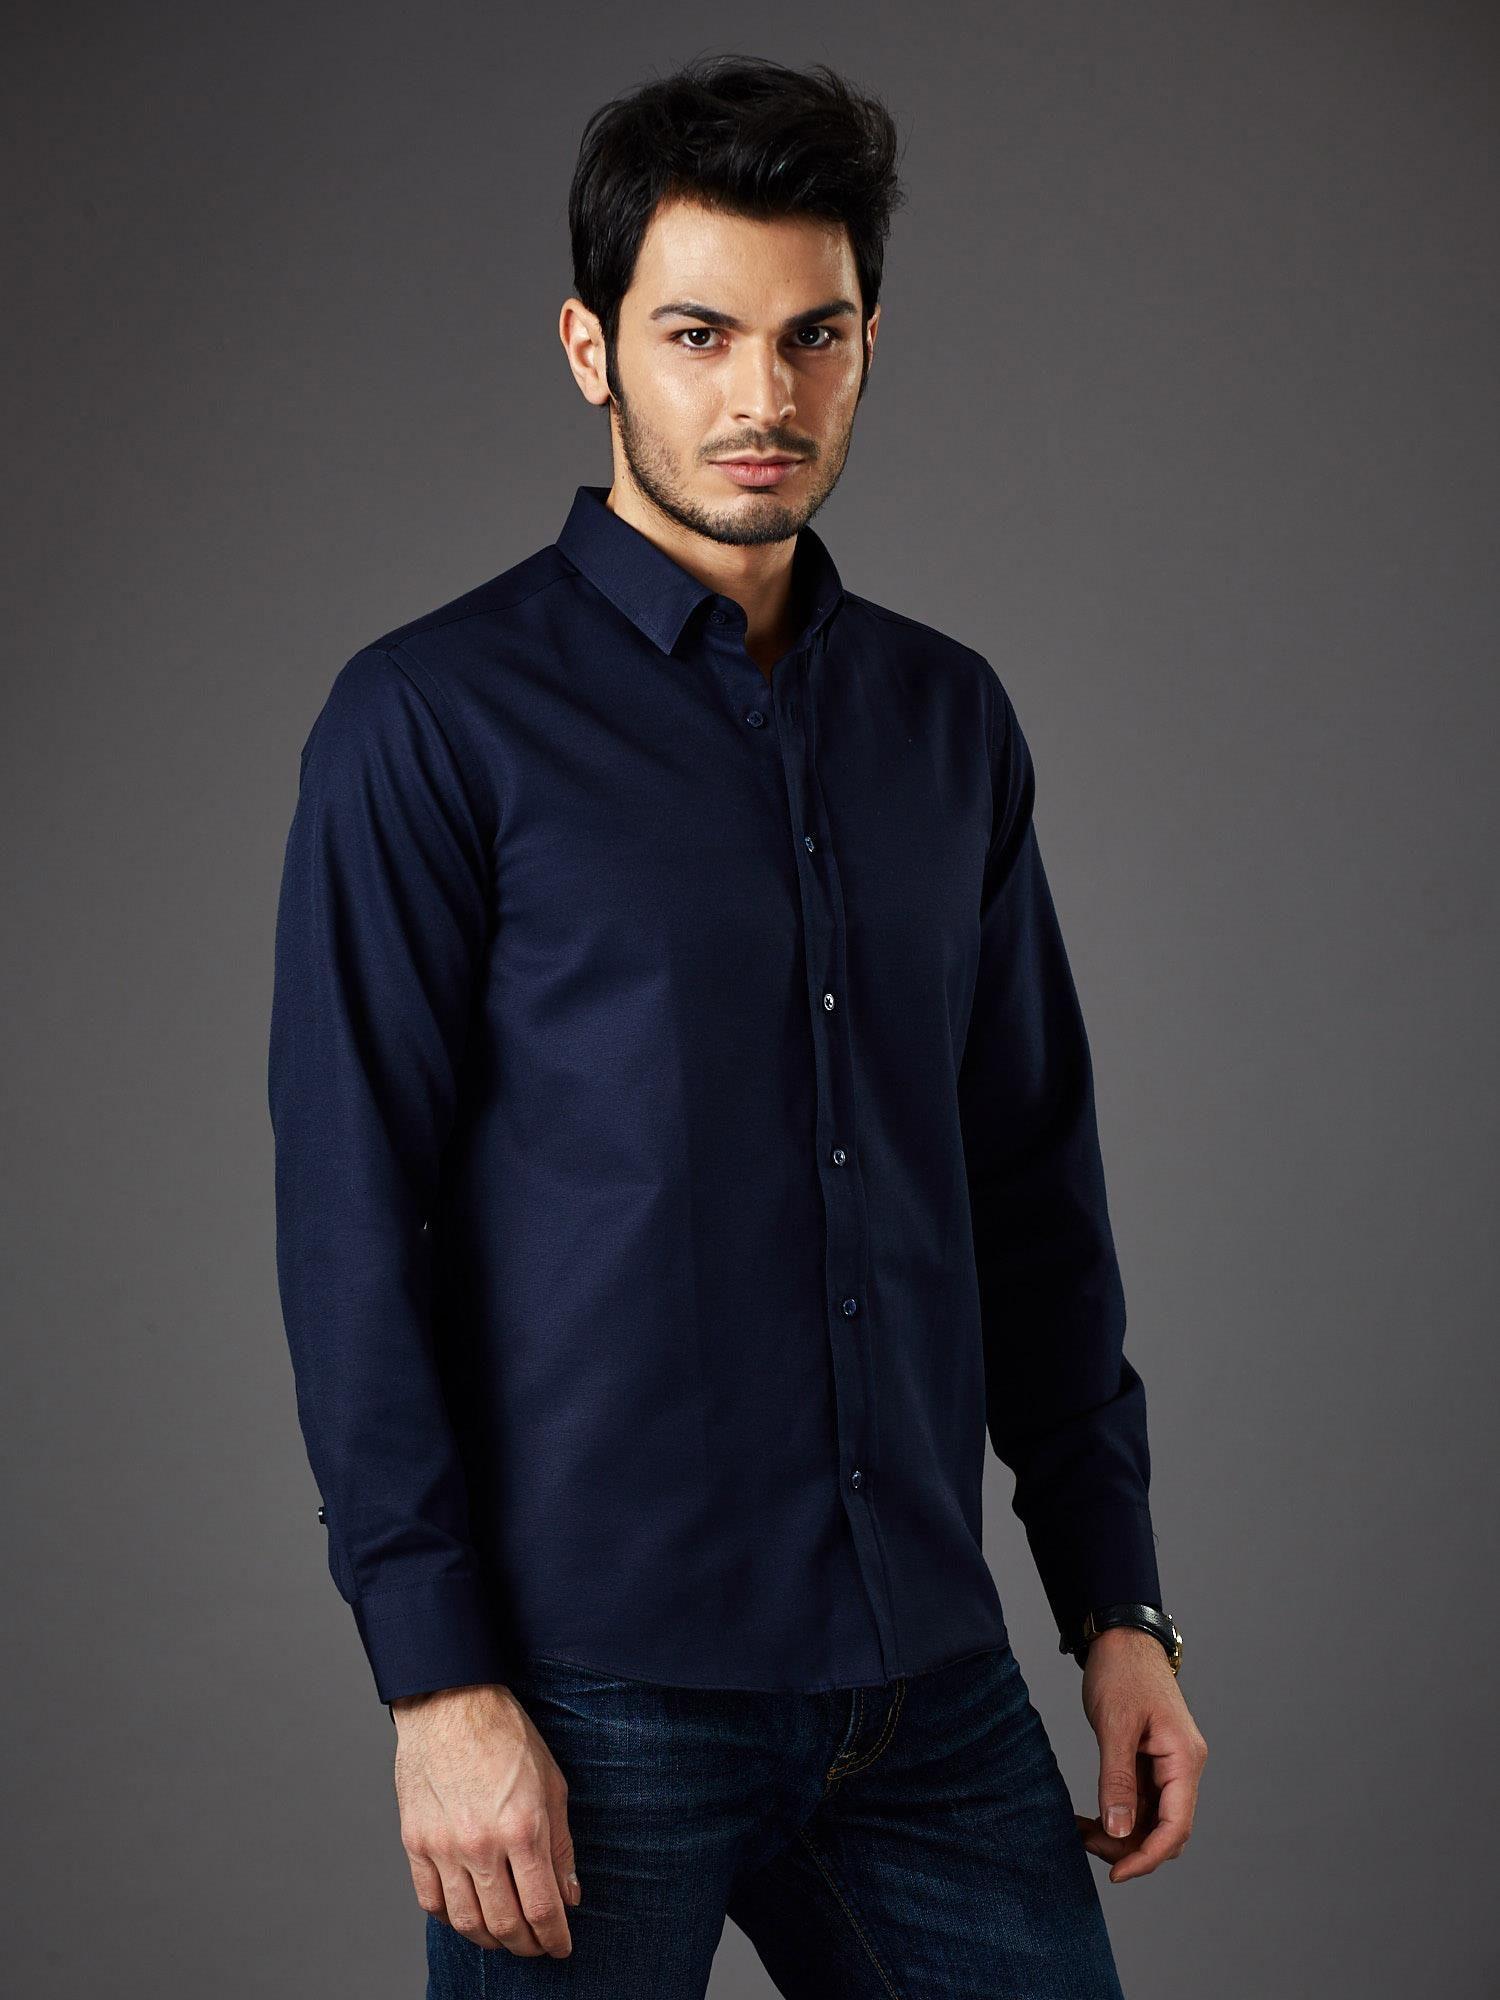 16f6cb806cbc7 Granatowa koszula męska regular fit - Mężczyźni koszula męska ...